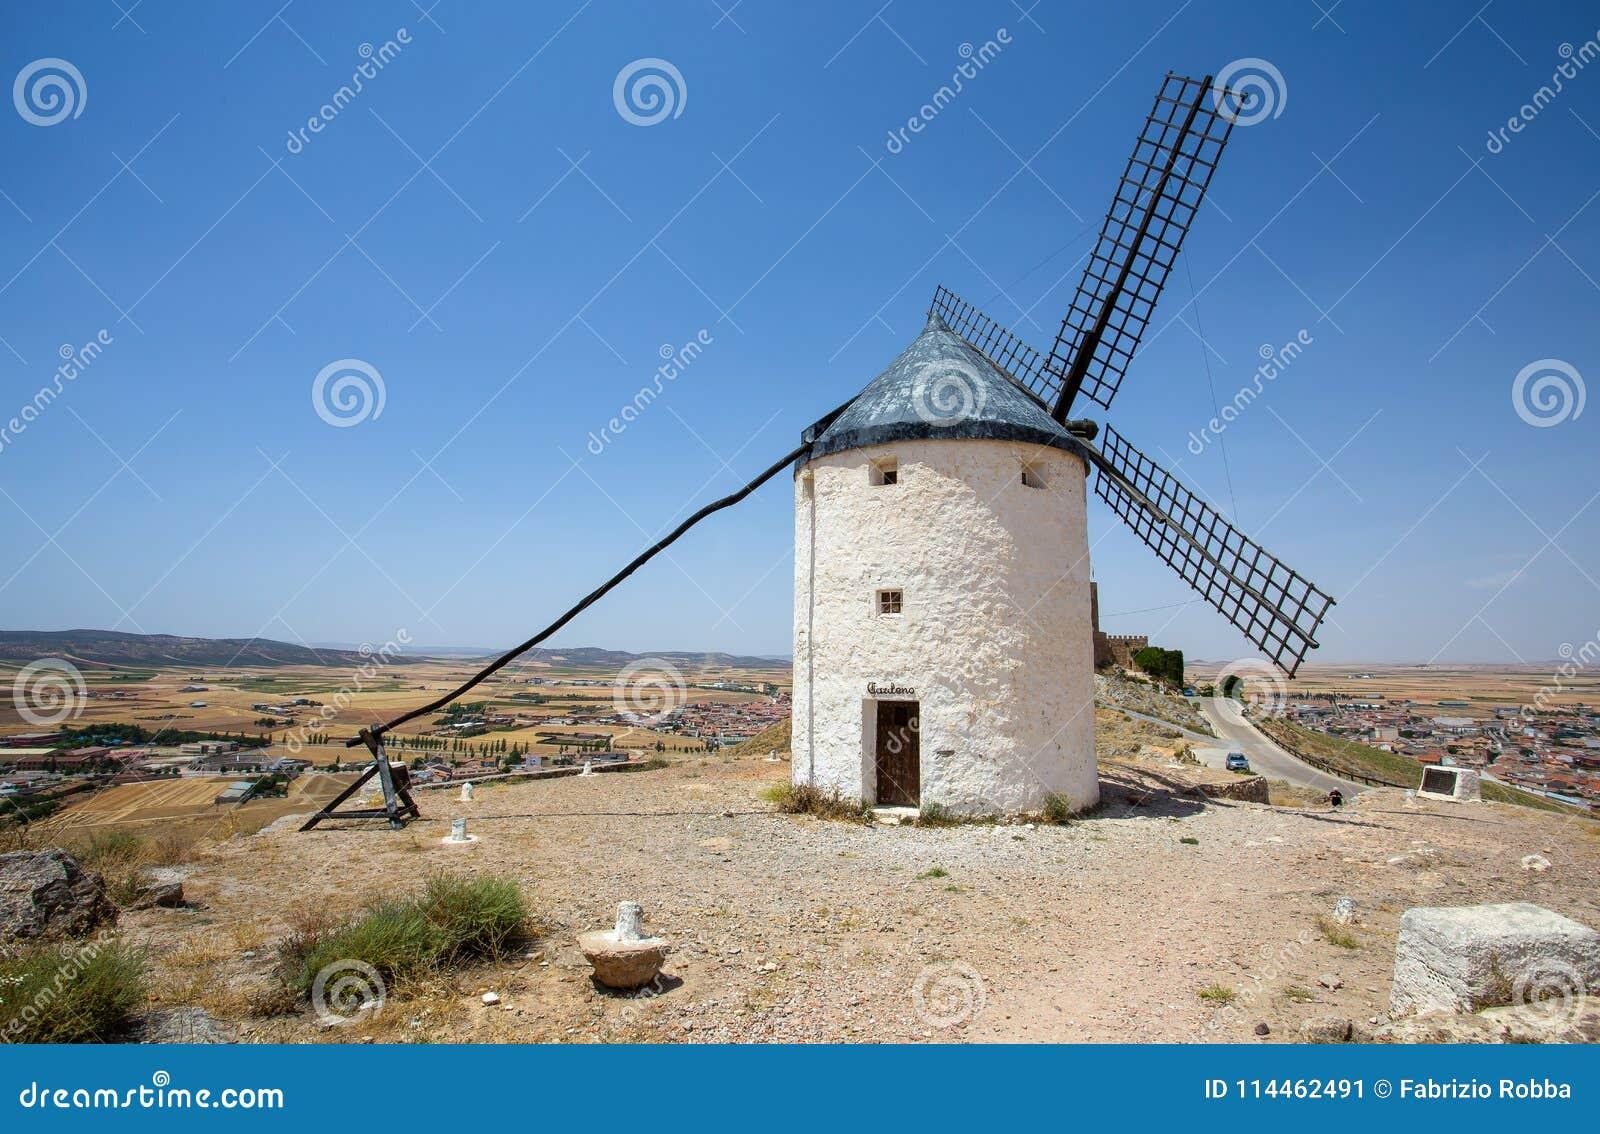 Windmühle in Campo de Criptana La Mancha, Consuegra, Don Quixote-Weg, Spanien